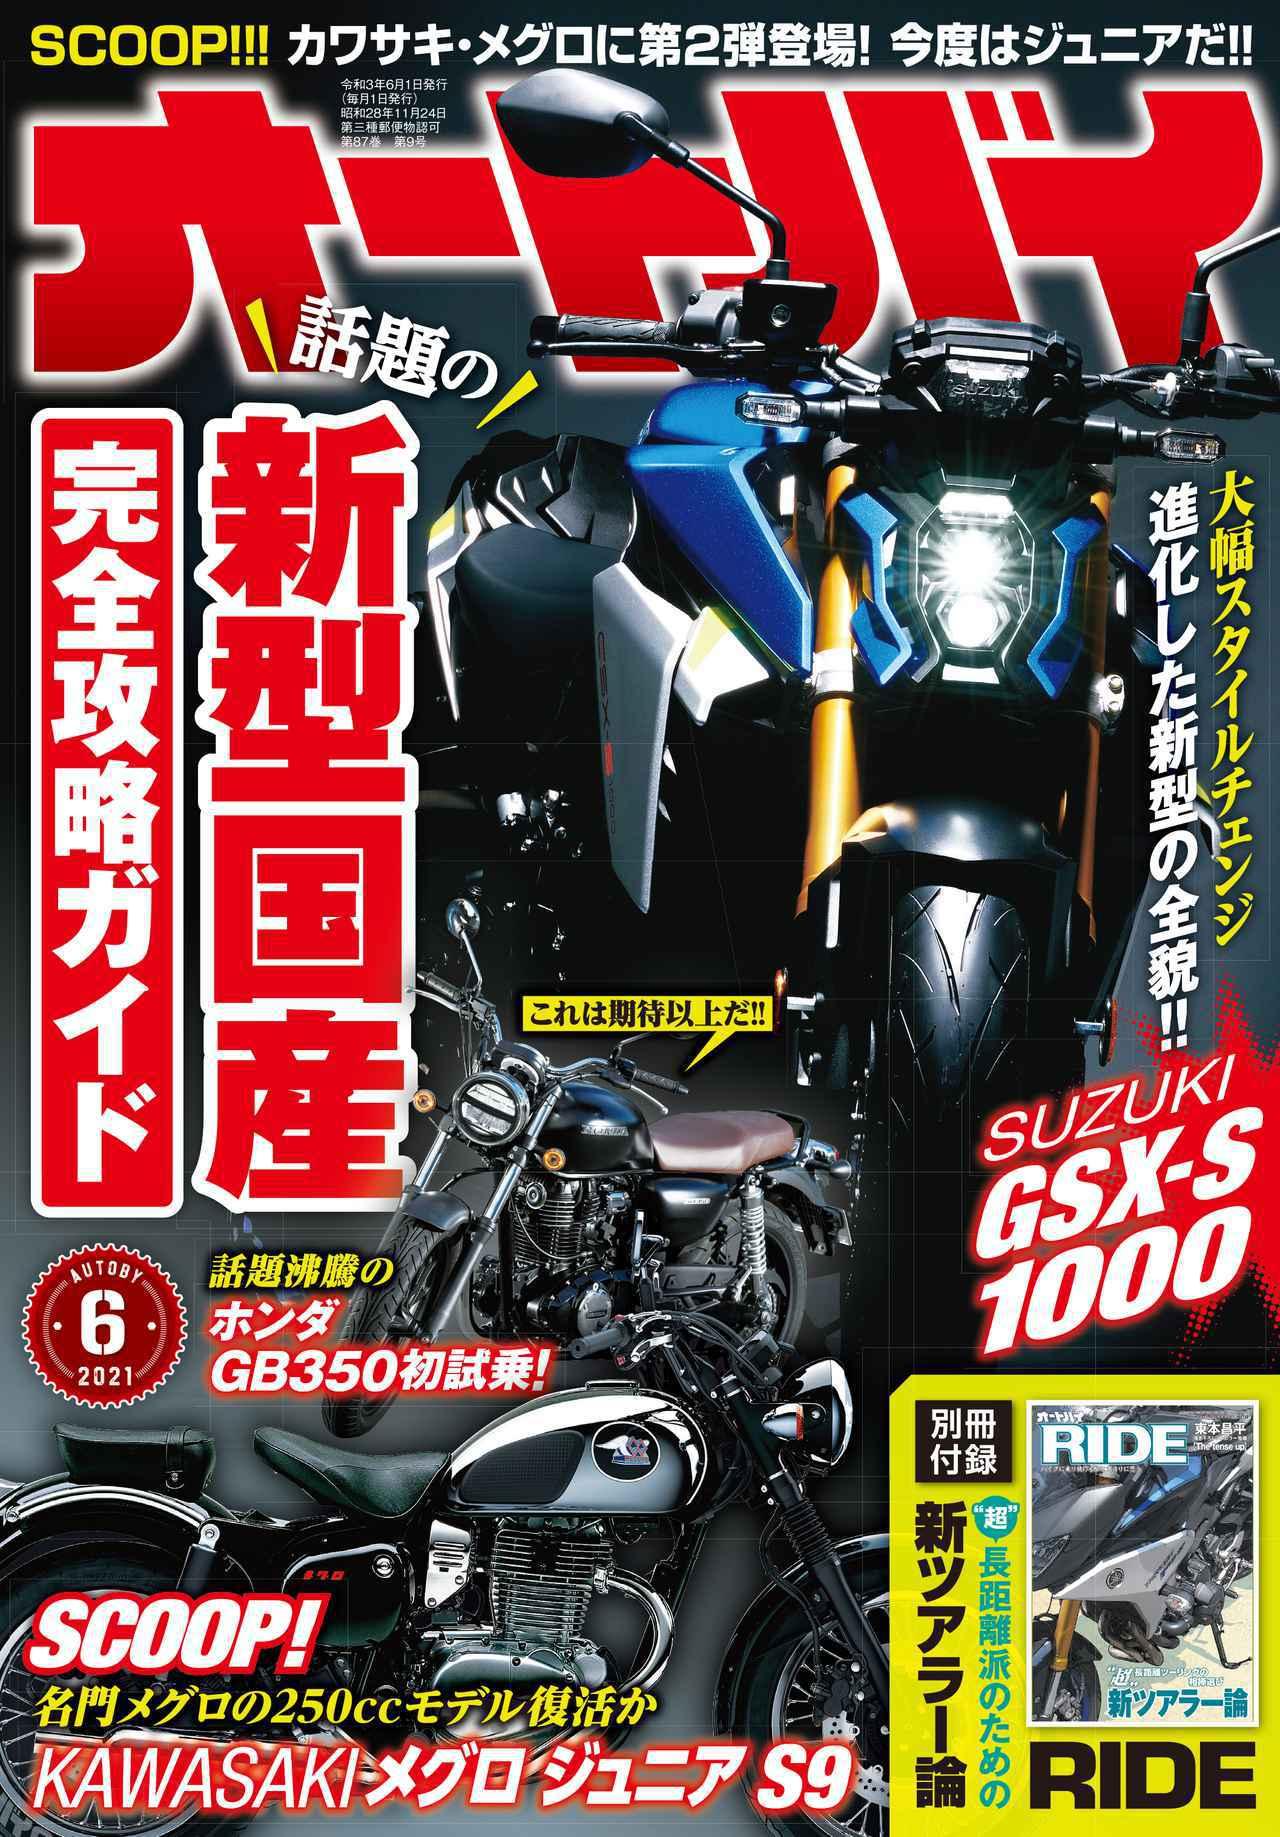 画像1: 月刊『オートバイ』6月号の特集はGB350/SR400比較検証! スクープも掲載! 別冊付録「RIDE」はツアラー大特集